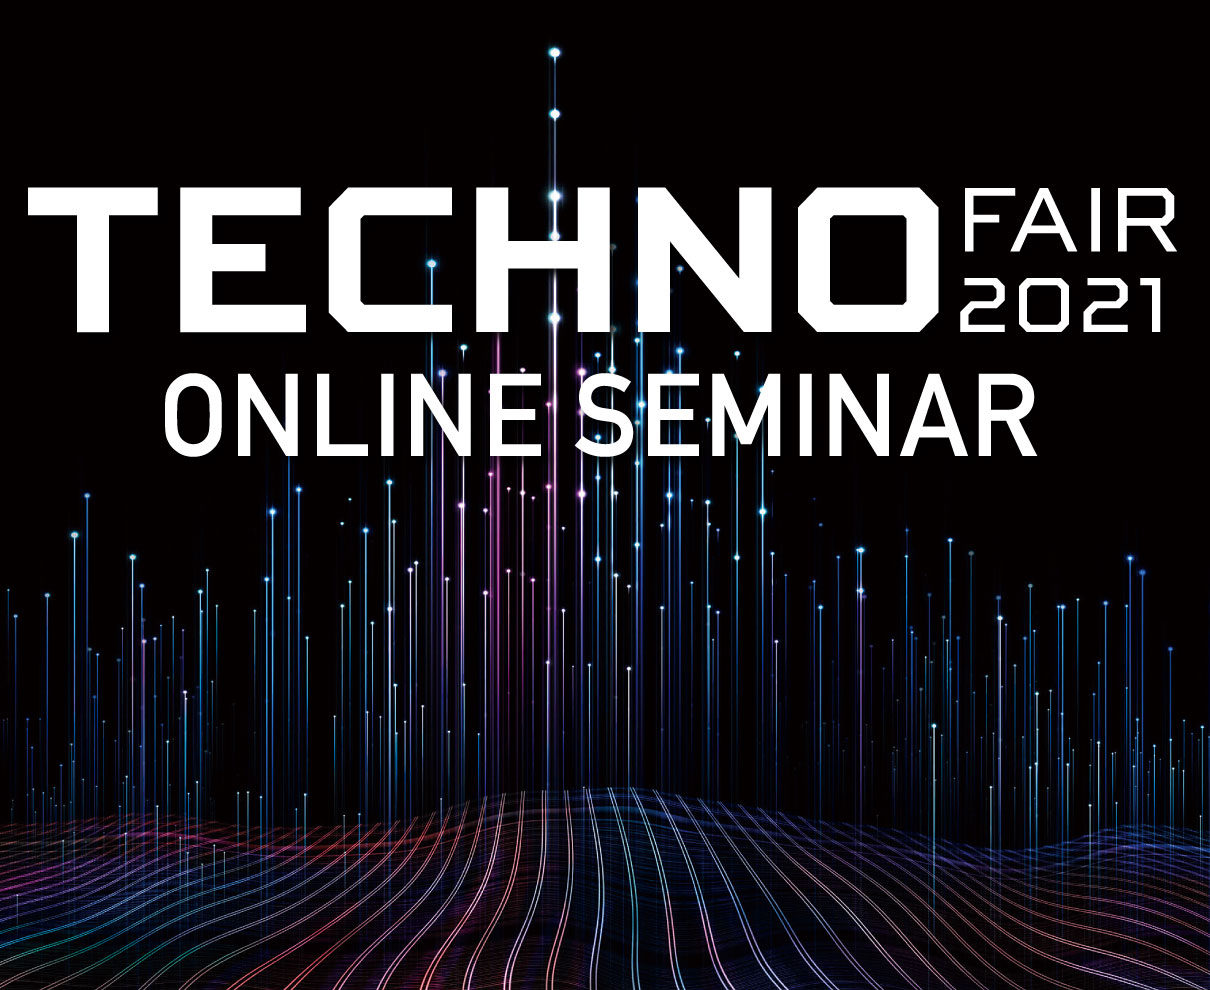 【10/8、10/15】「北陸技術交流テクノフェア2021」の開催前に、無料のオンラインセミナーで最新のデジタル化情報を学ぼう。